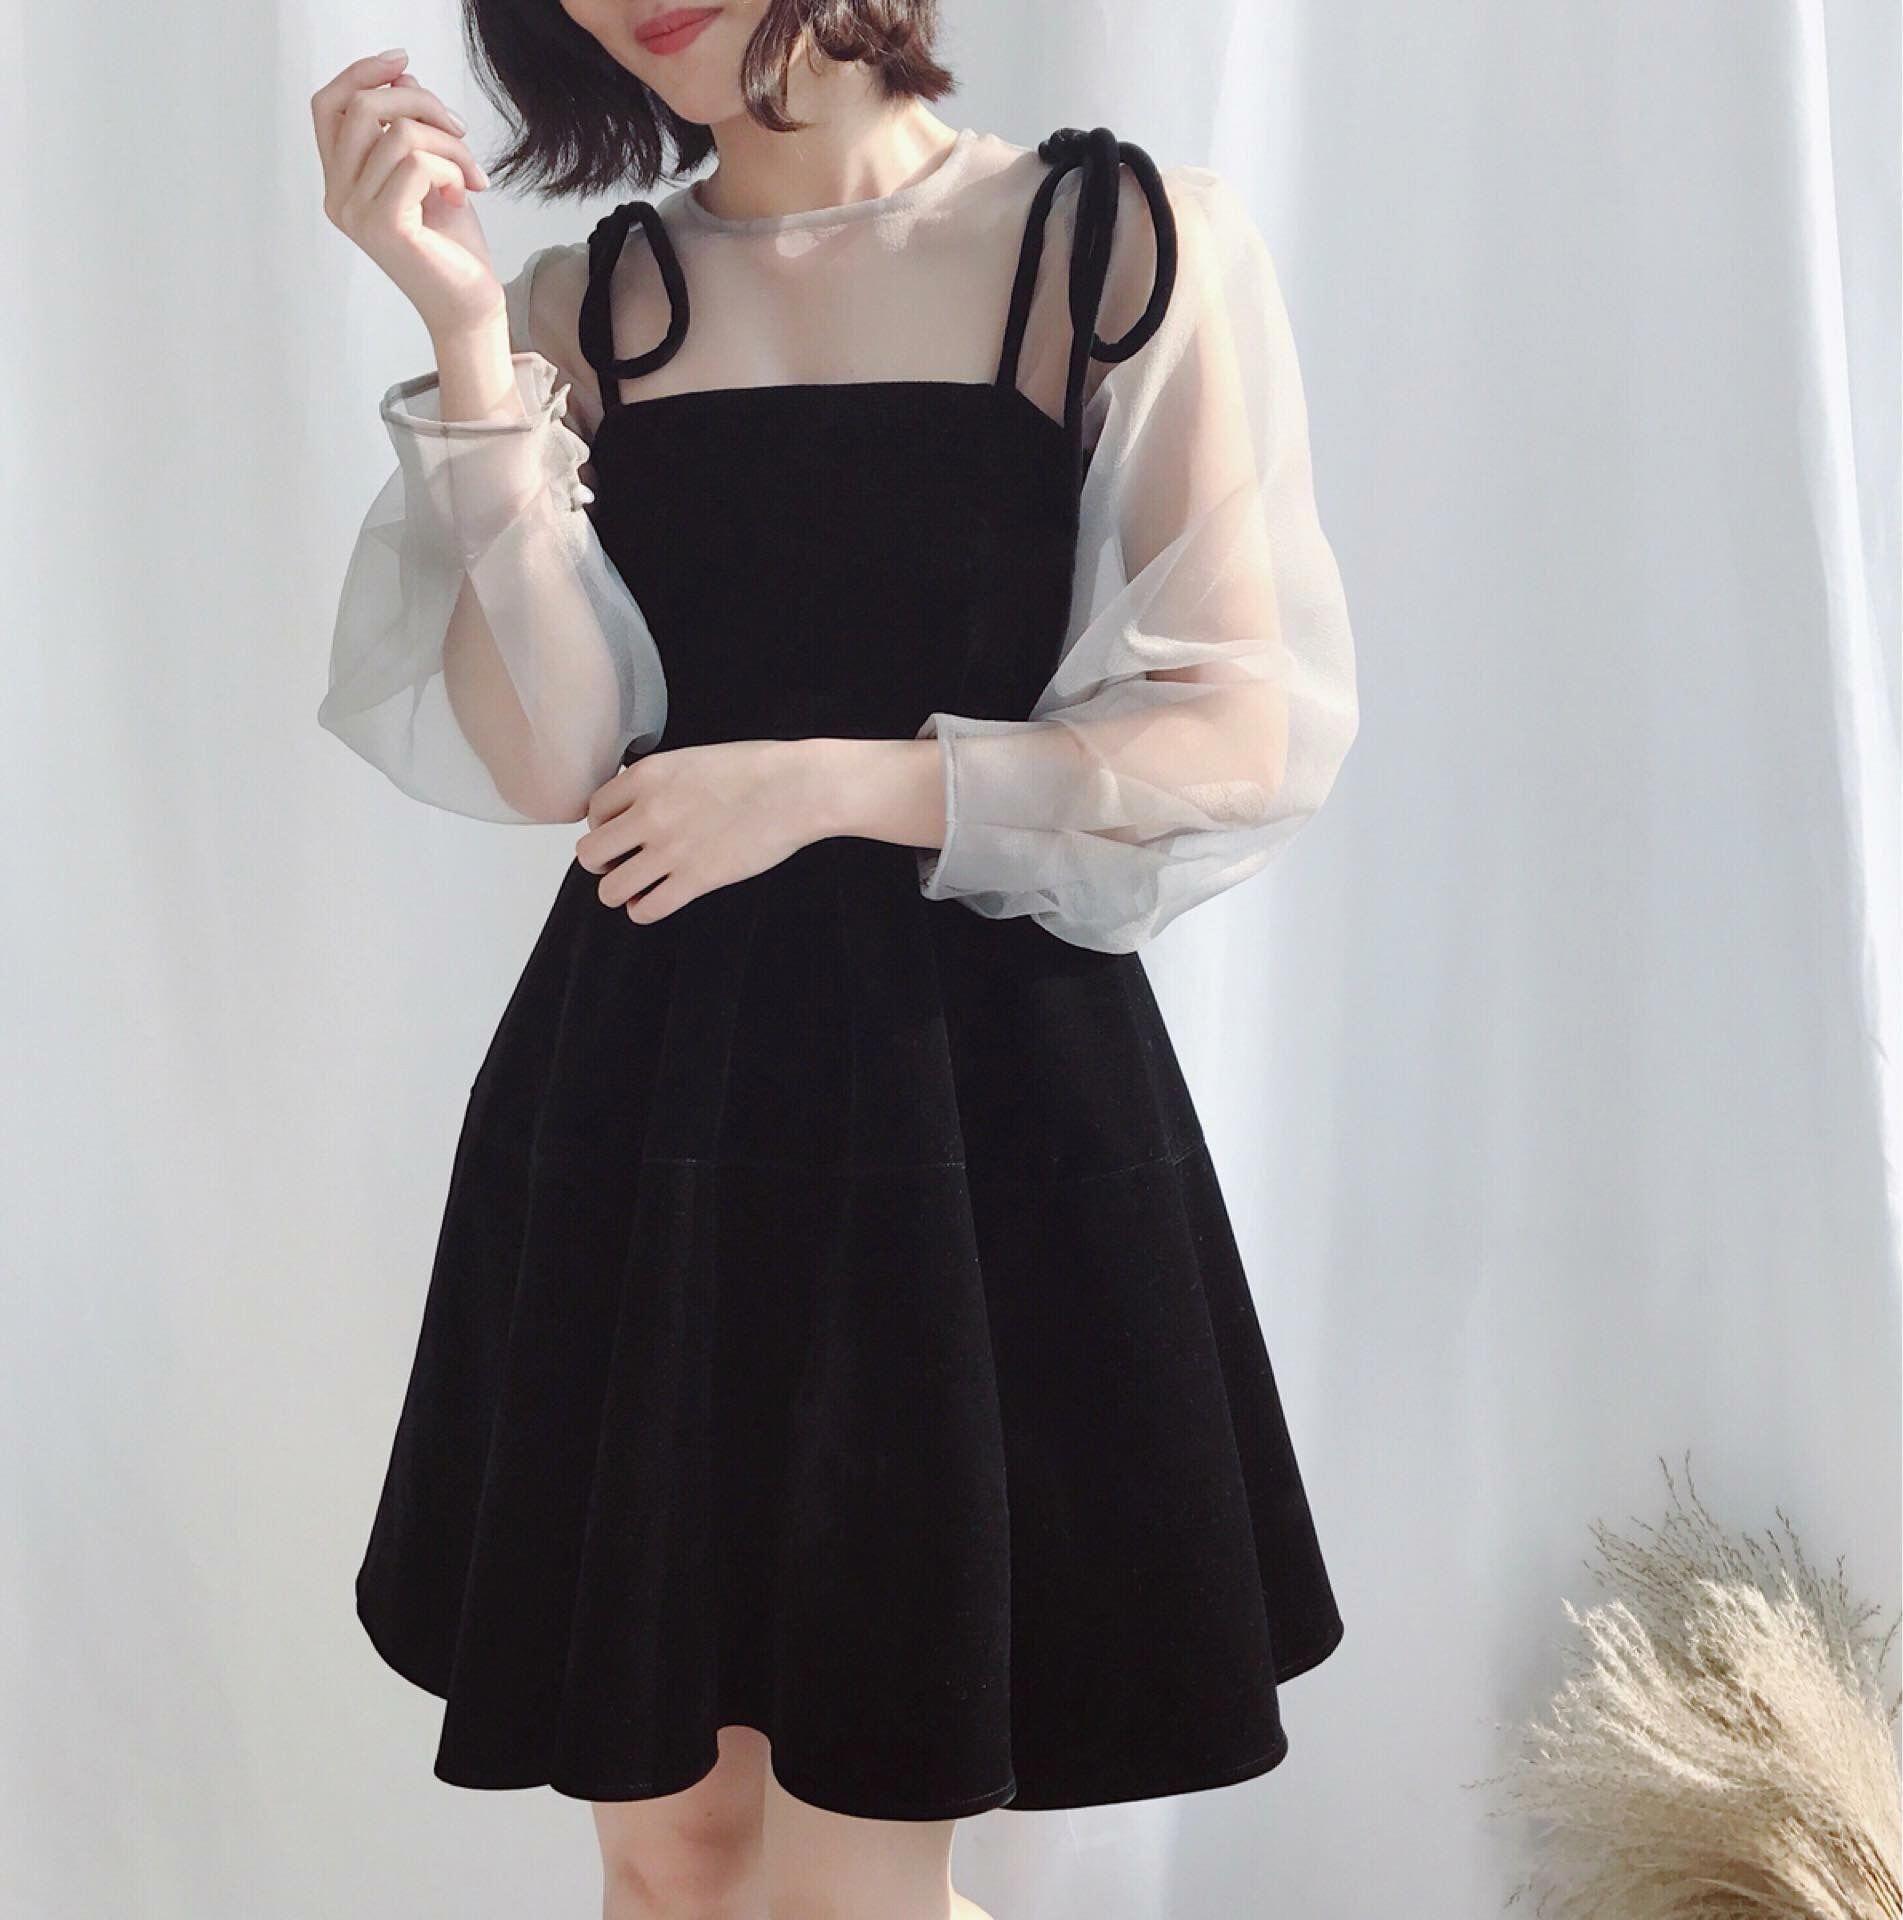 A pretty black dress with white illusion sleeves. #koreanfashion